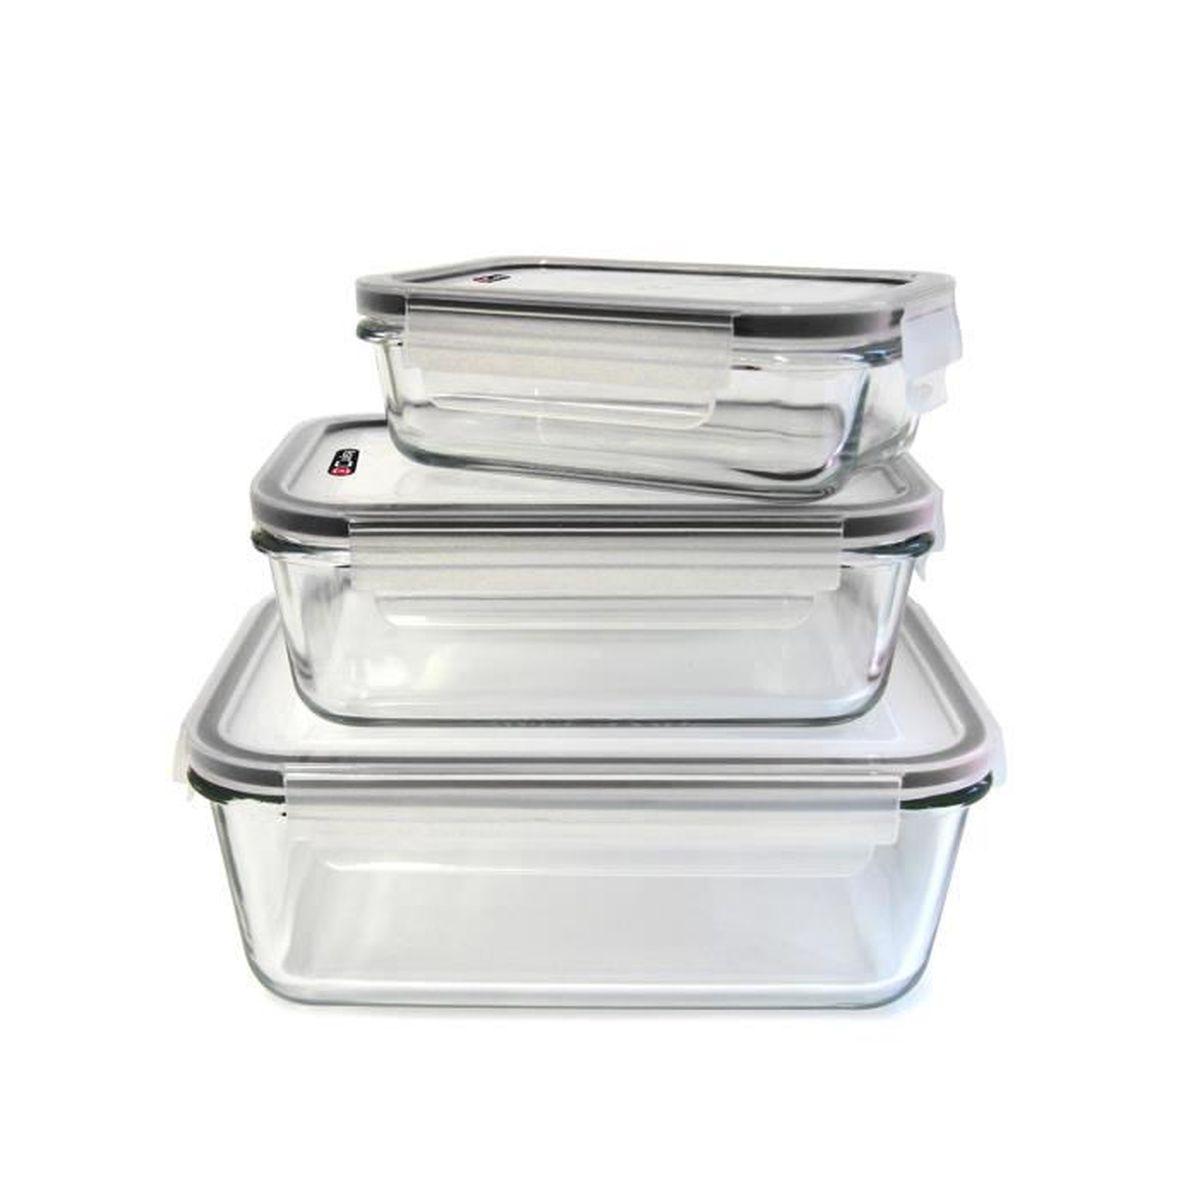 Plat En Verre Sur Plaque Induction cuisy – plat en verre ultra-résistant à la chaleur spécial